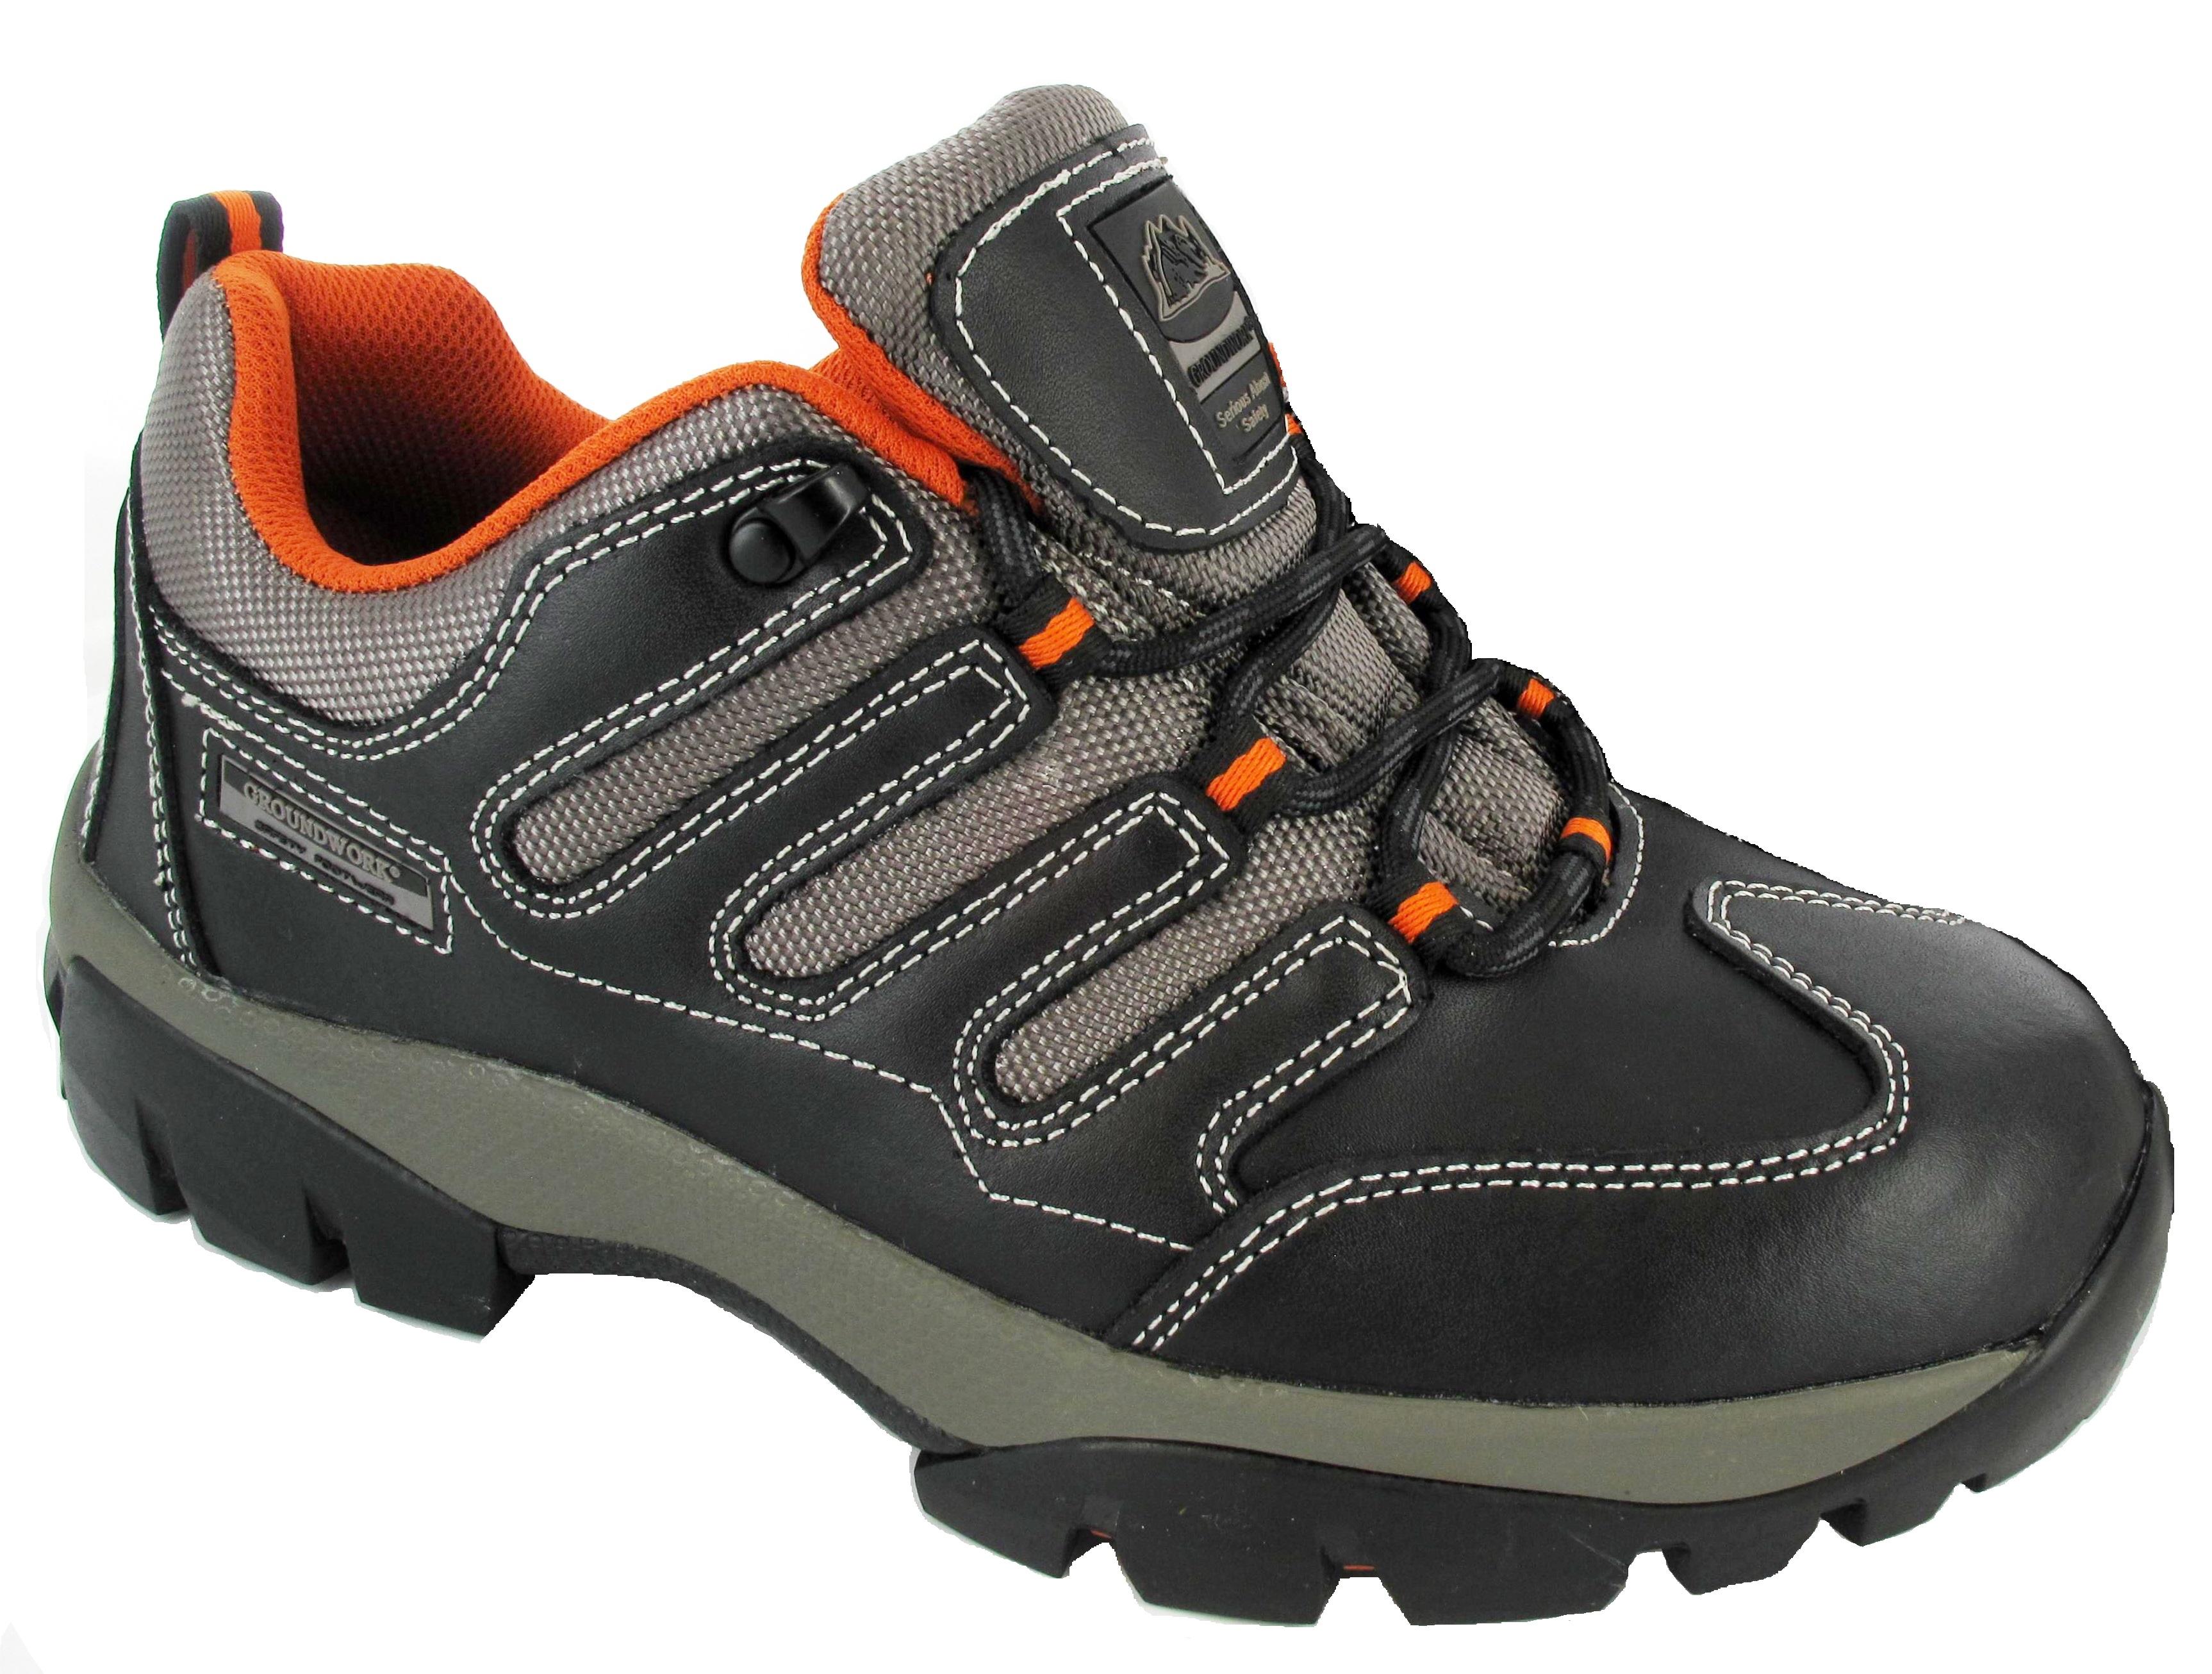 mens safety black orange safety trainers work hiking steel. Black Bedroom Furniture Sets. Home Design Ideas